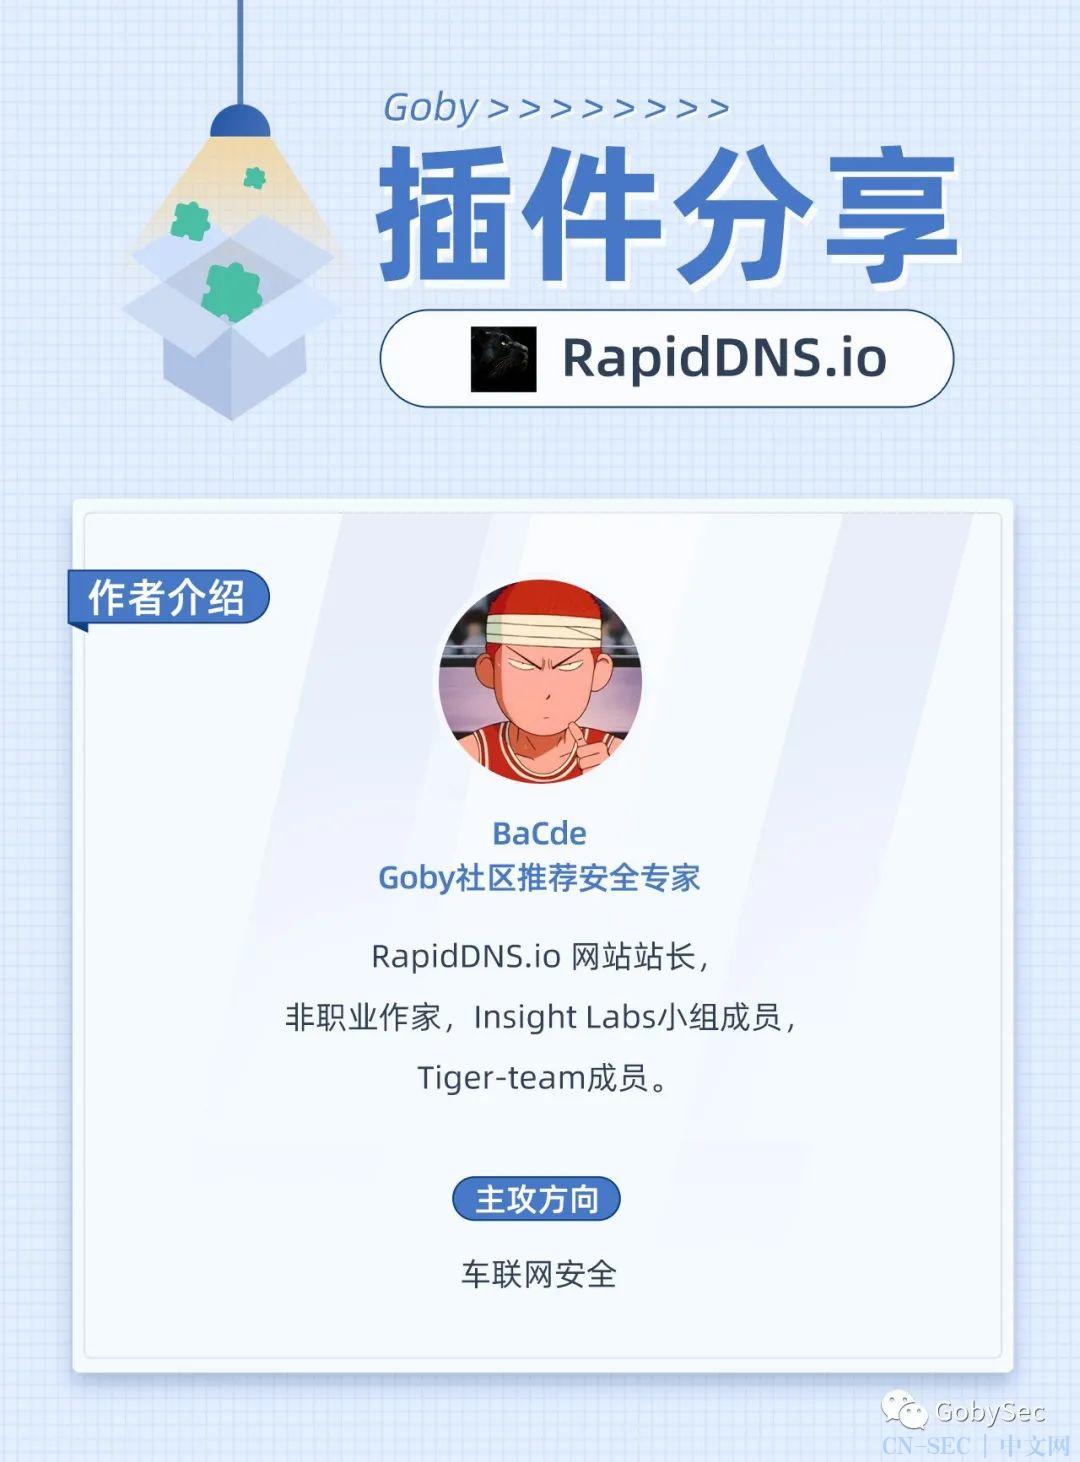 插件分享 | 可在线查询子域名和同IP域名的RapidDNS